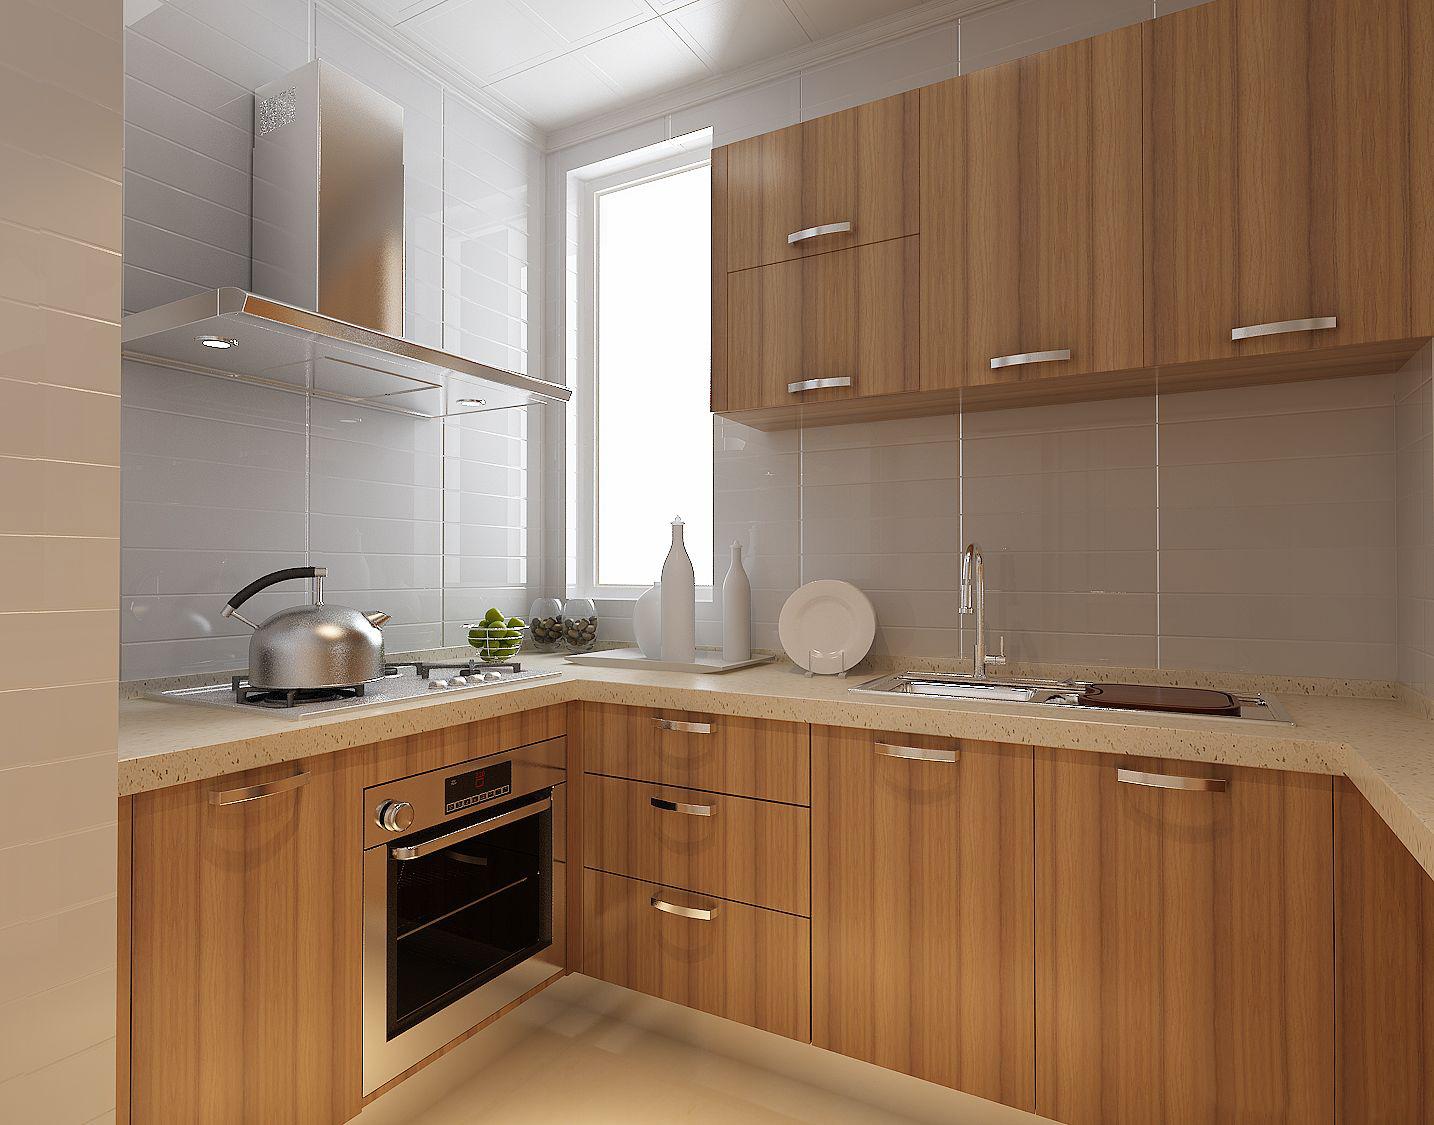 简约风格厨房装修设计效果图